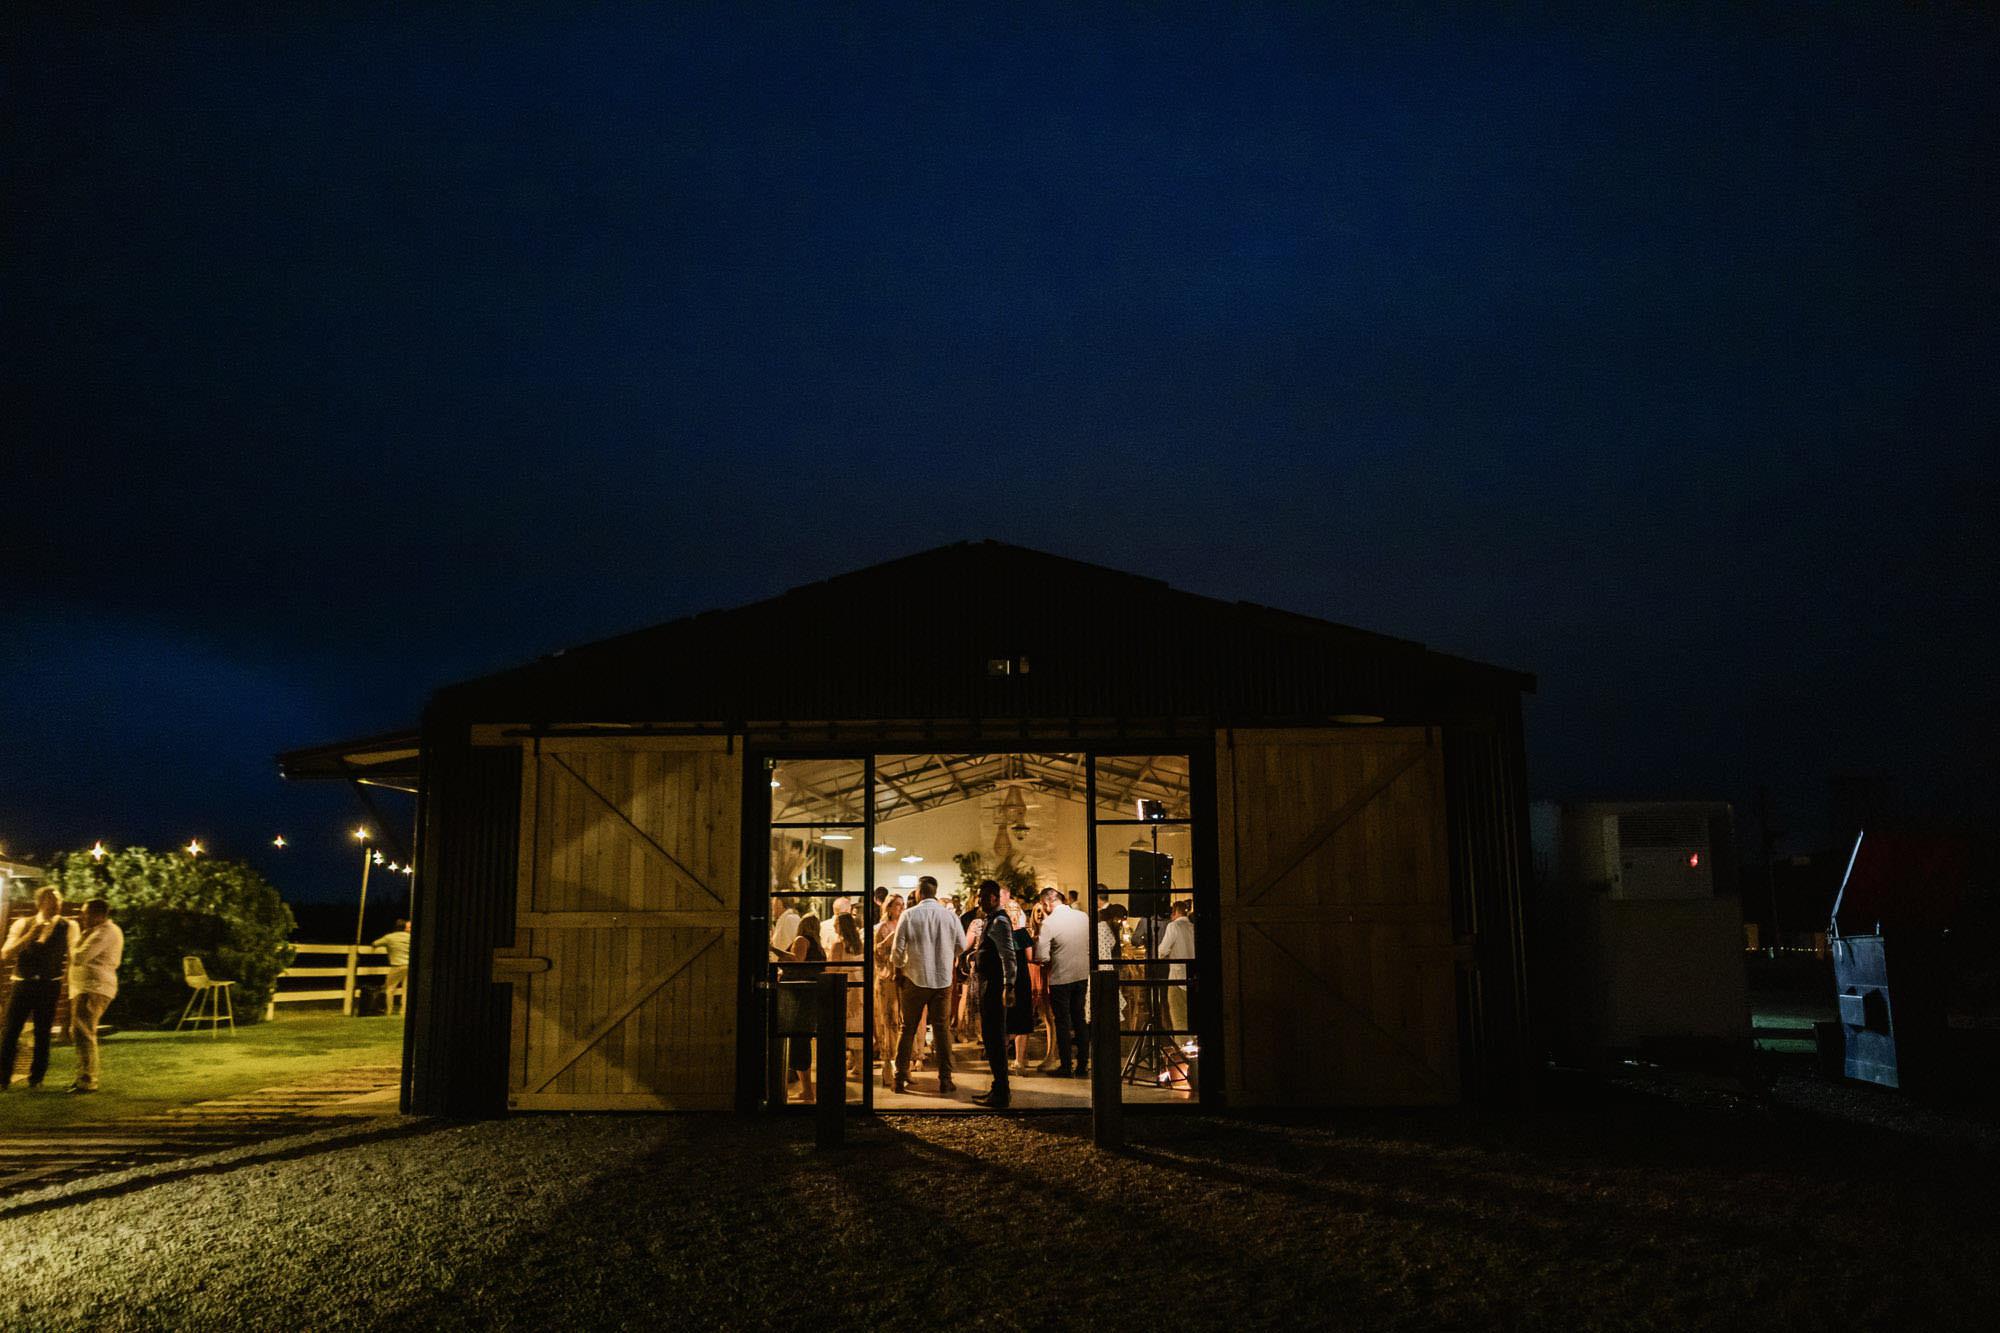 Seacliff House Wedding at the Barn at night